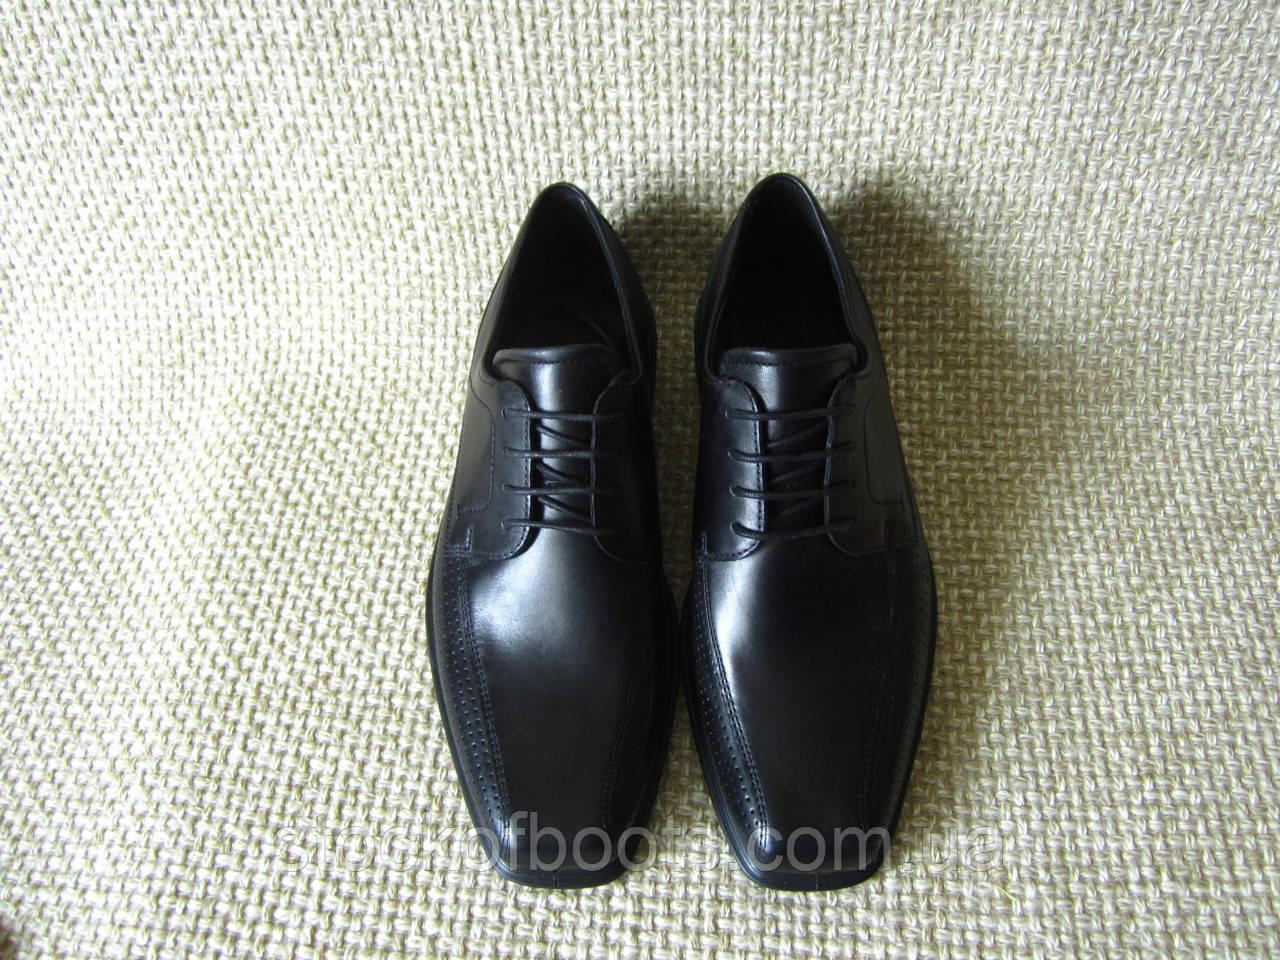 5dfefb4bada6 Туфлі чорні шкіряні оригінал нові Ecco Johannesburg Perf Tie 623574 розмір  39